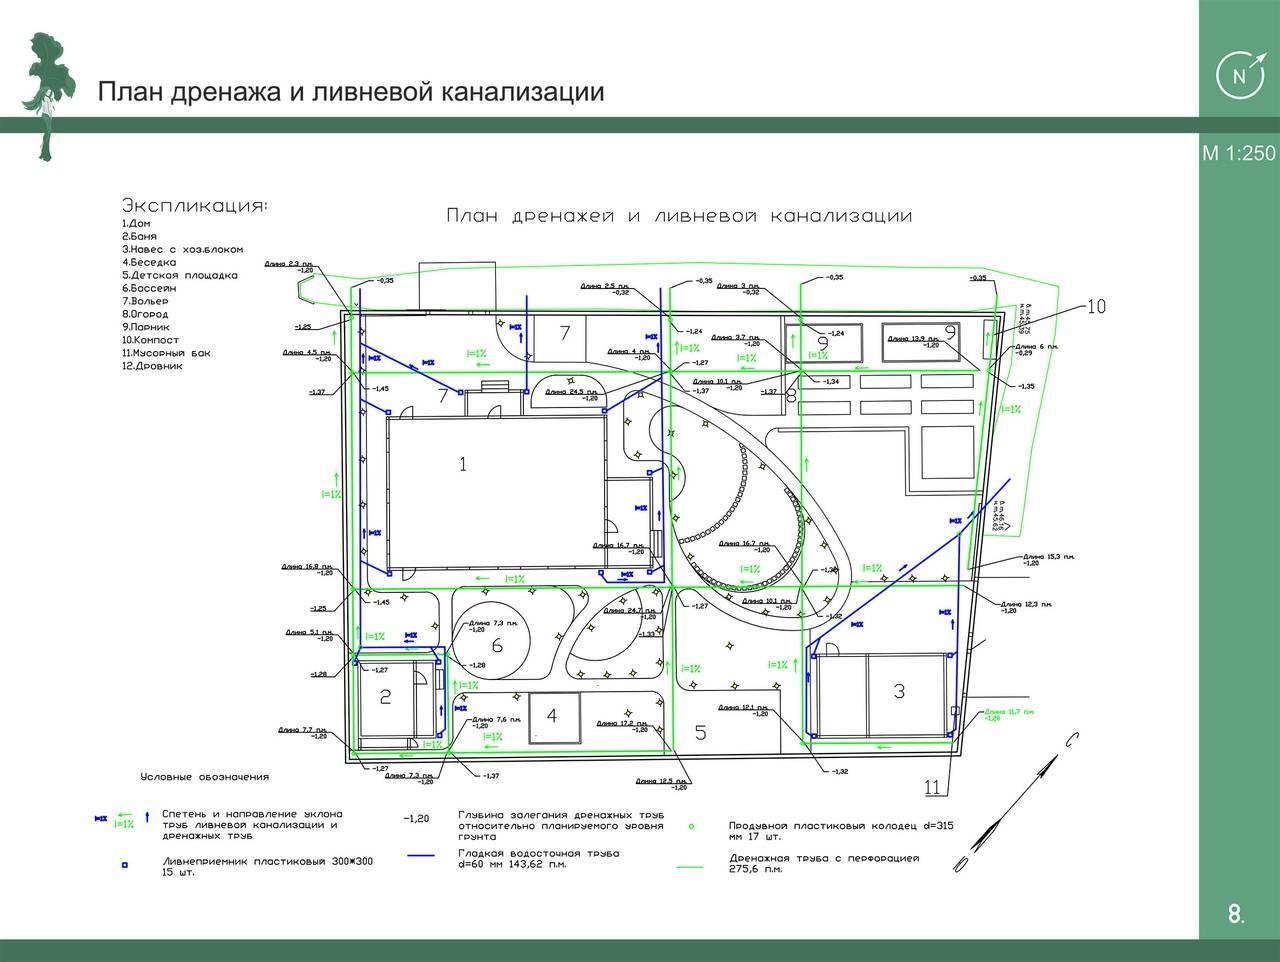 Расчет ливневой канализации и особенности проектирования